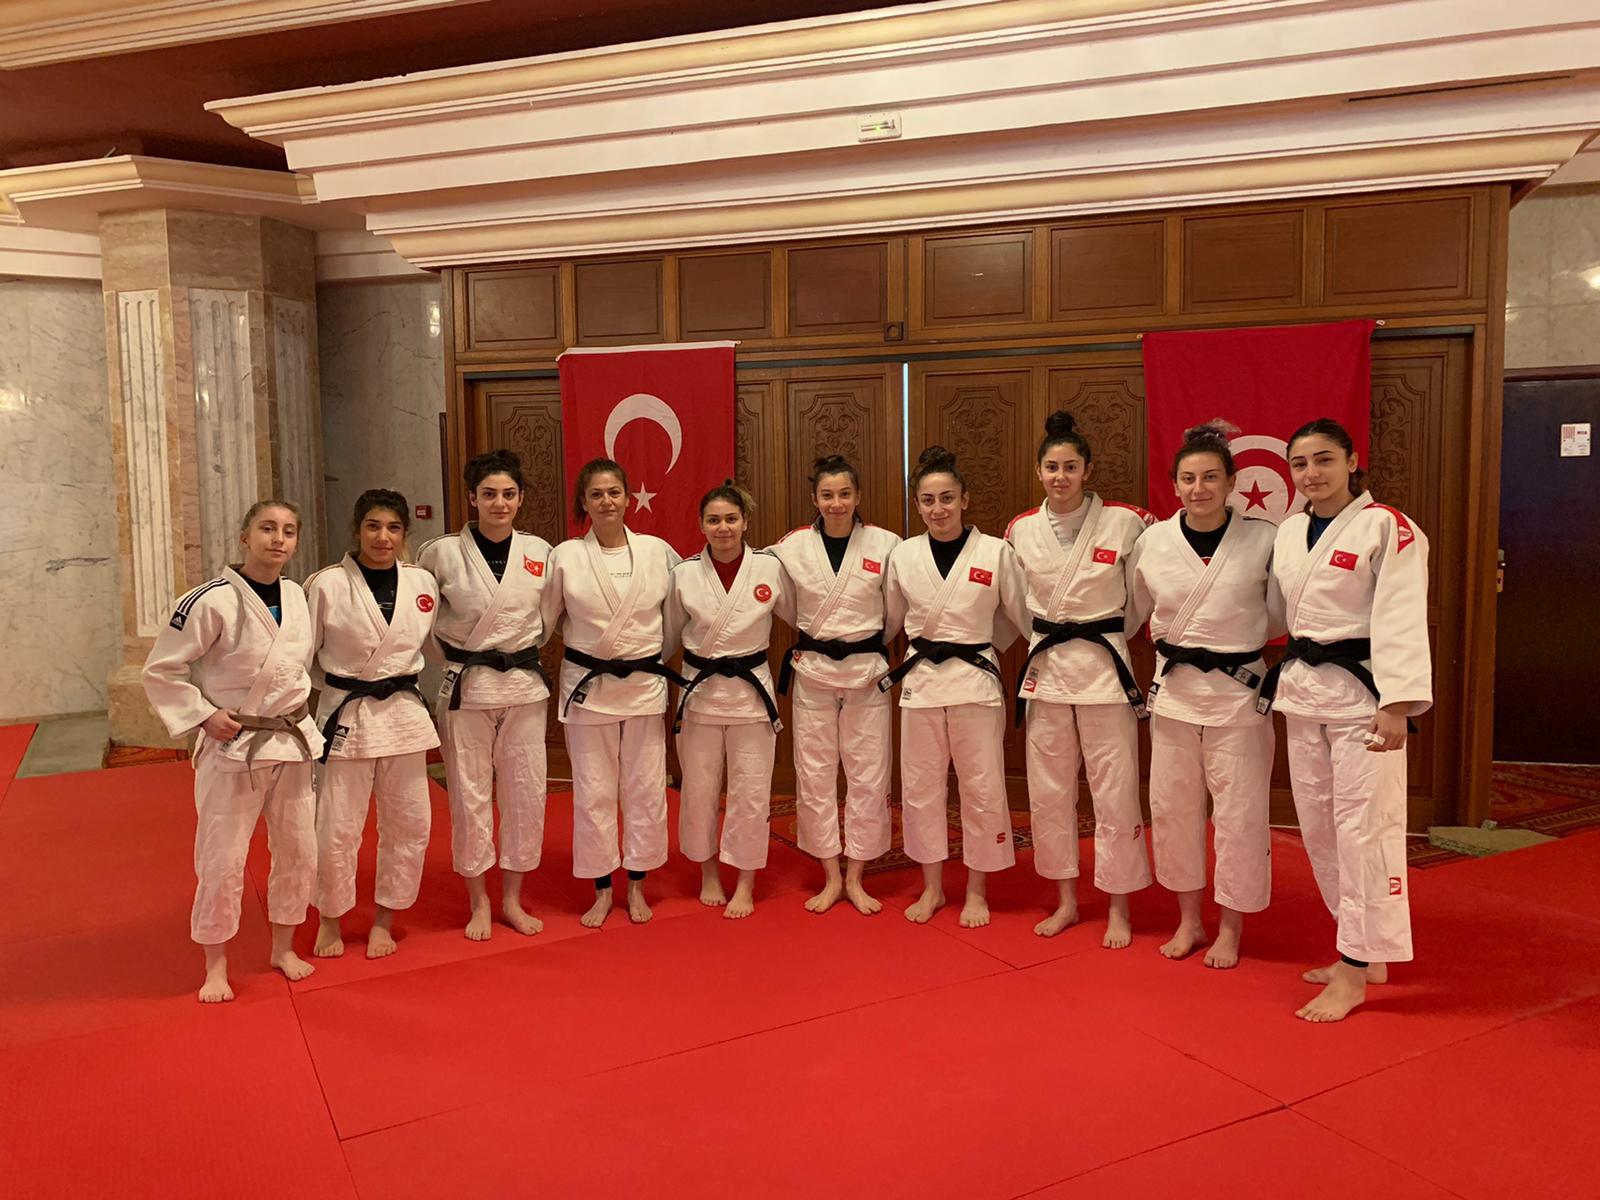 Judocular Milli Takım Kampı İçin Tunus'ta